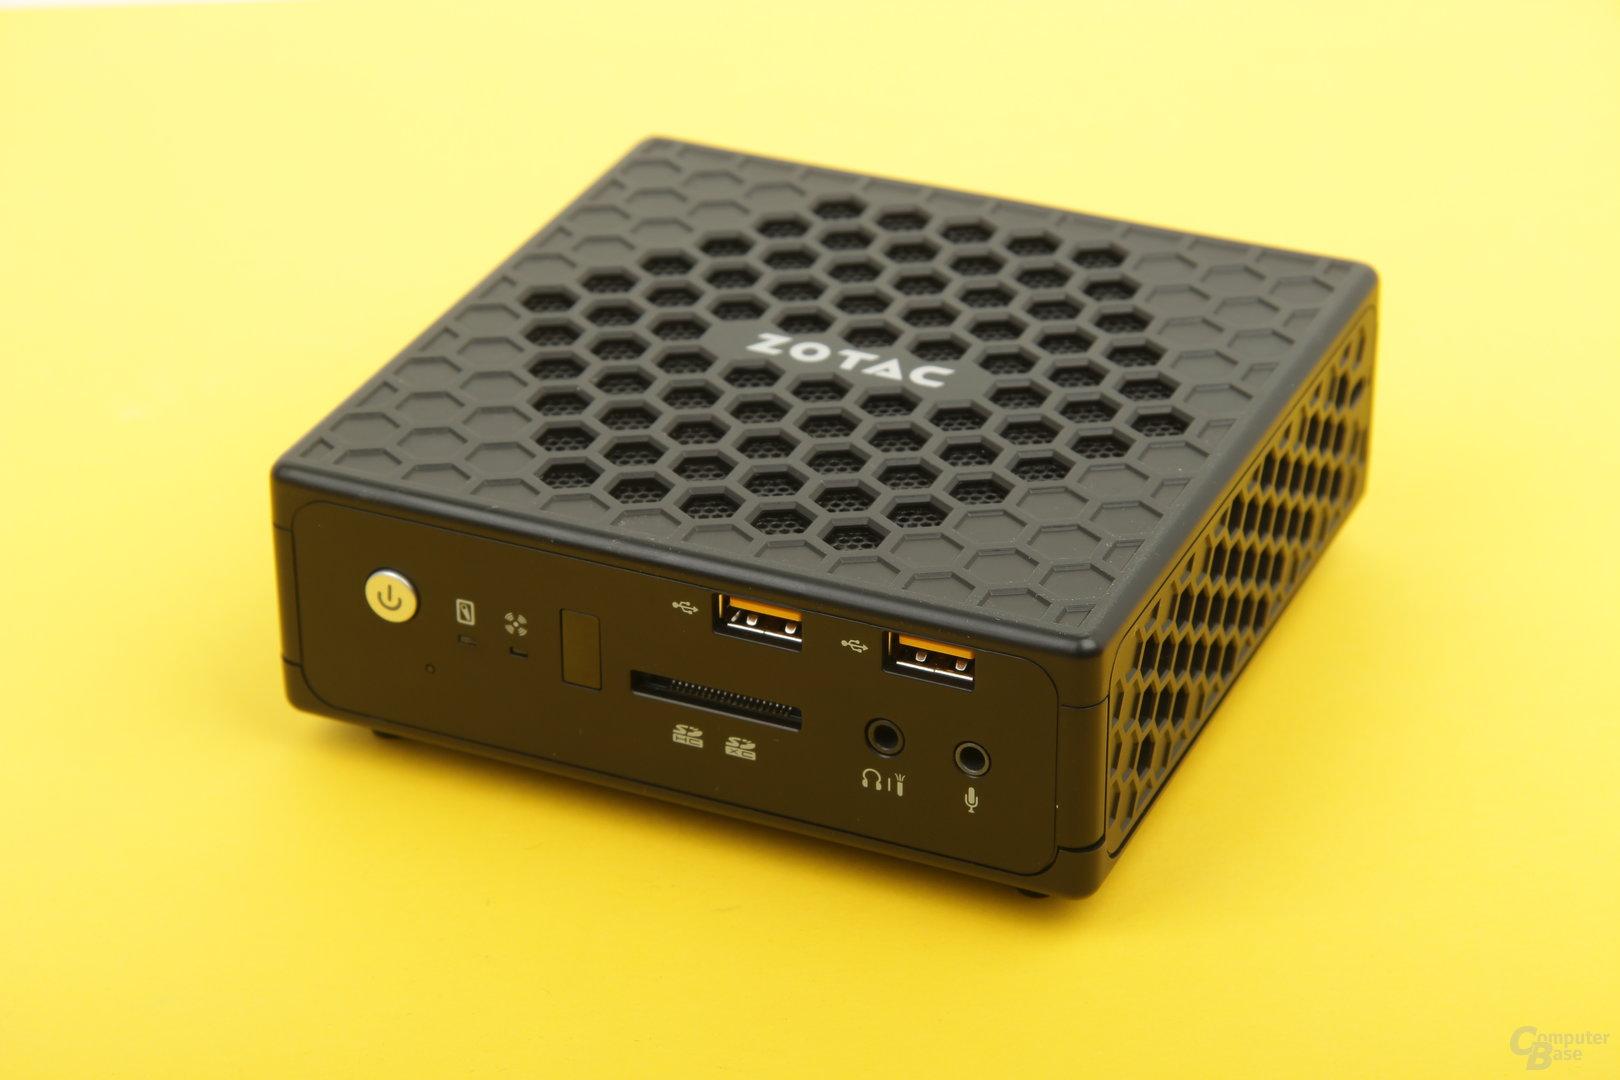 Zotac Zbox nano CI540